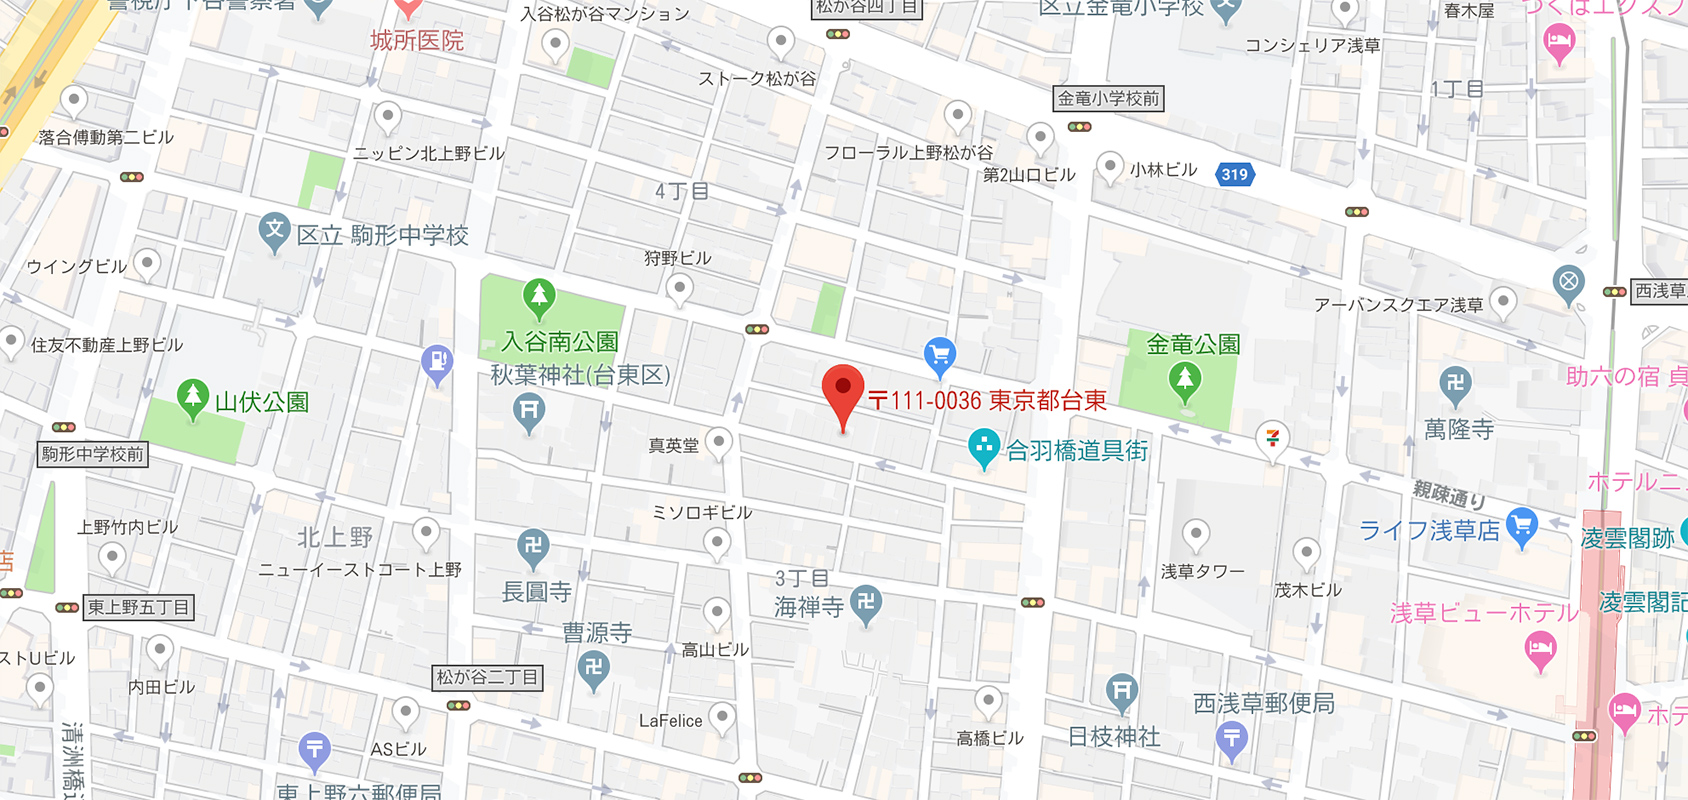 東京物流倉庫